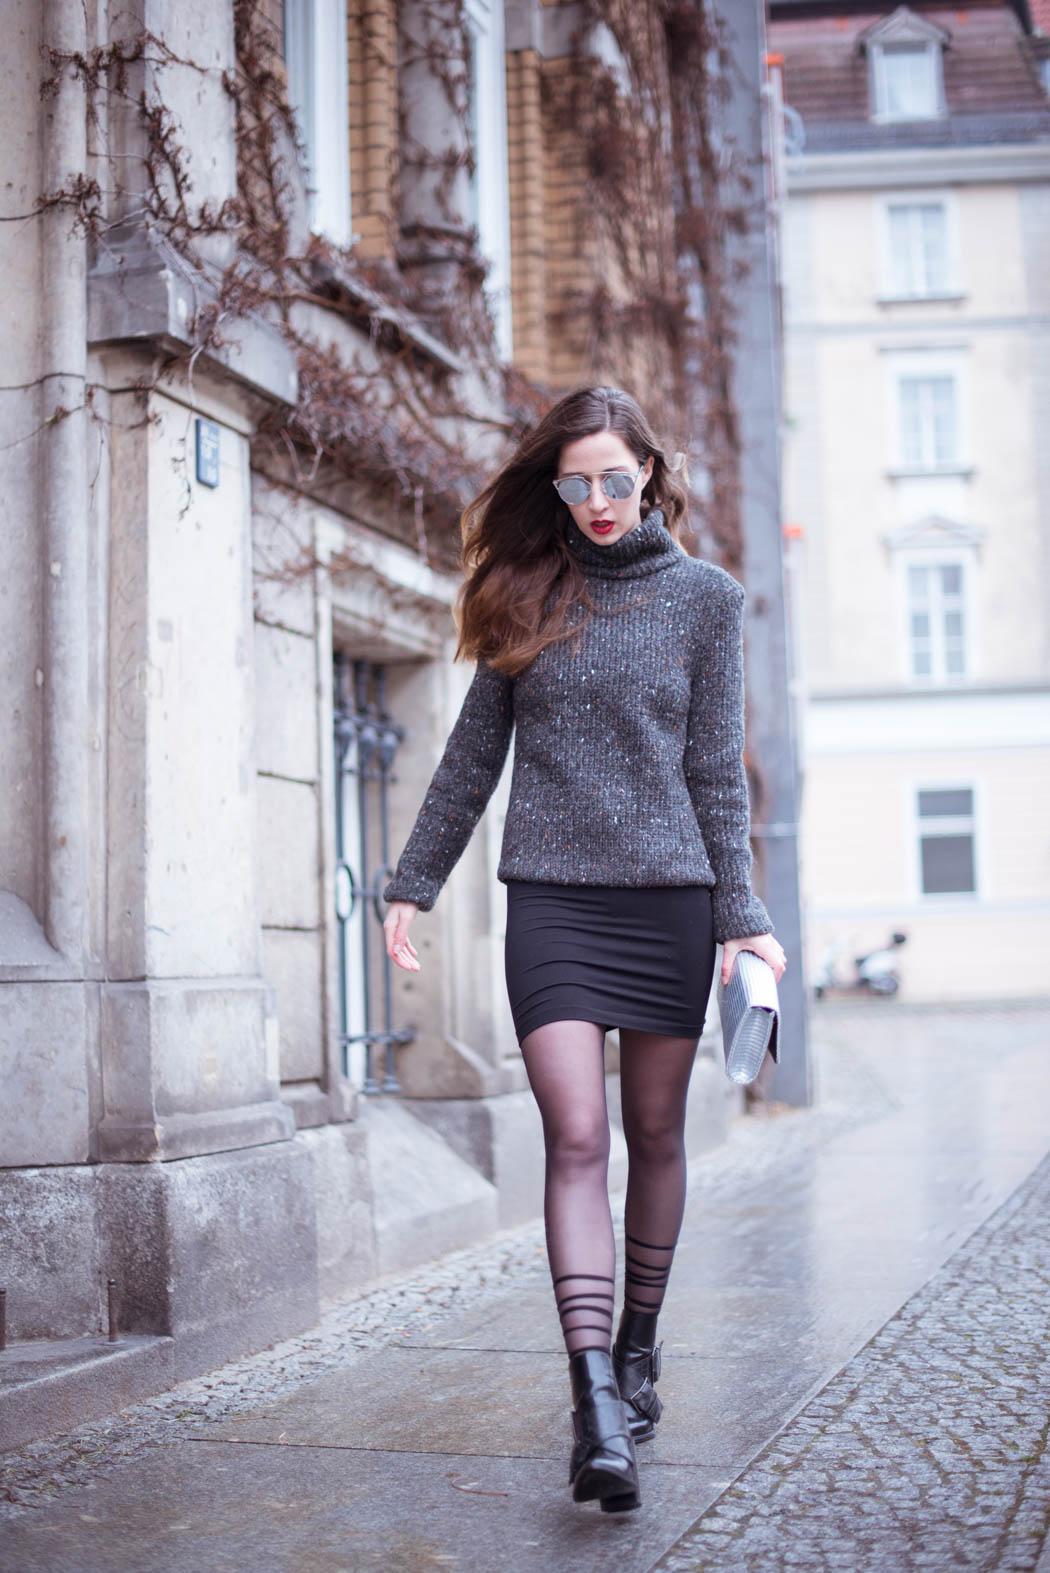 Zara-Ankleboots-Wolford-Dior-so-real-Fashionblogger-München-Deutschland-Lindarella-5